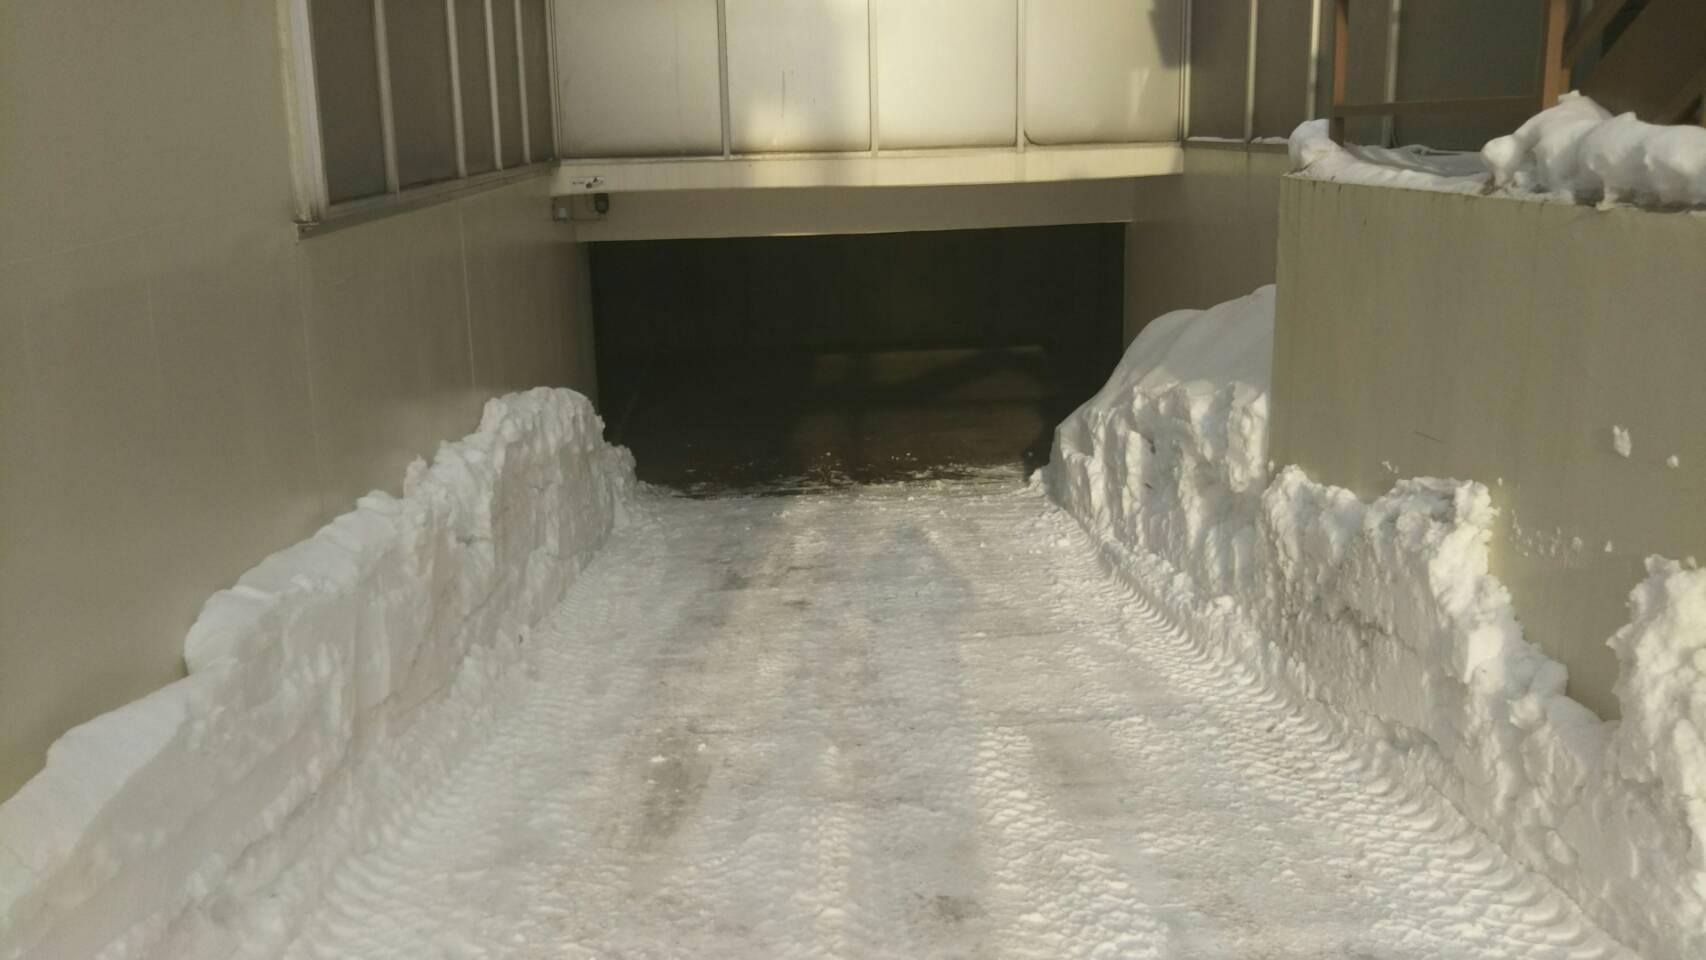 スロープ|除排雪|札幌